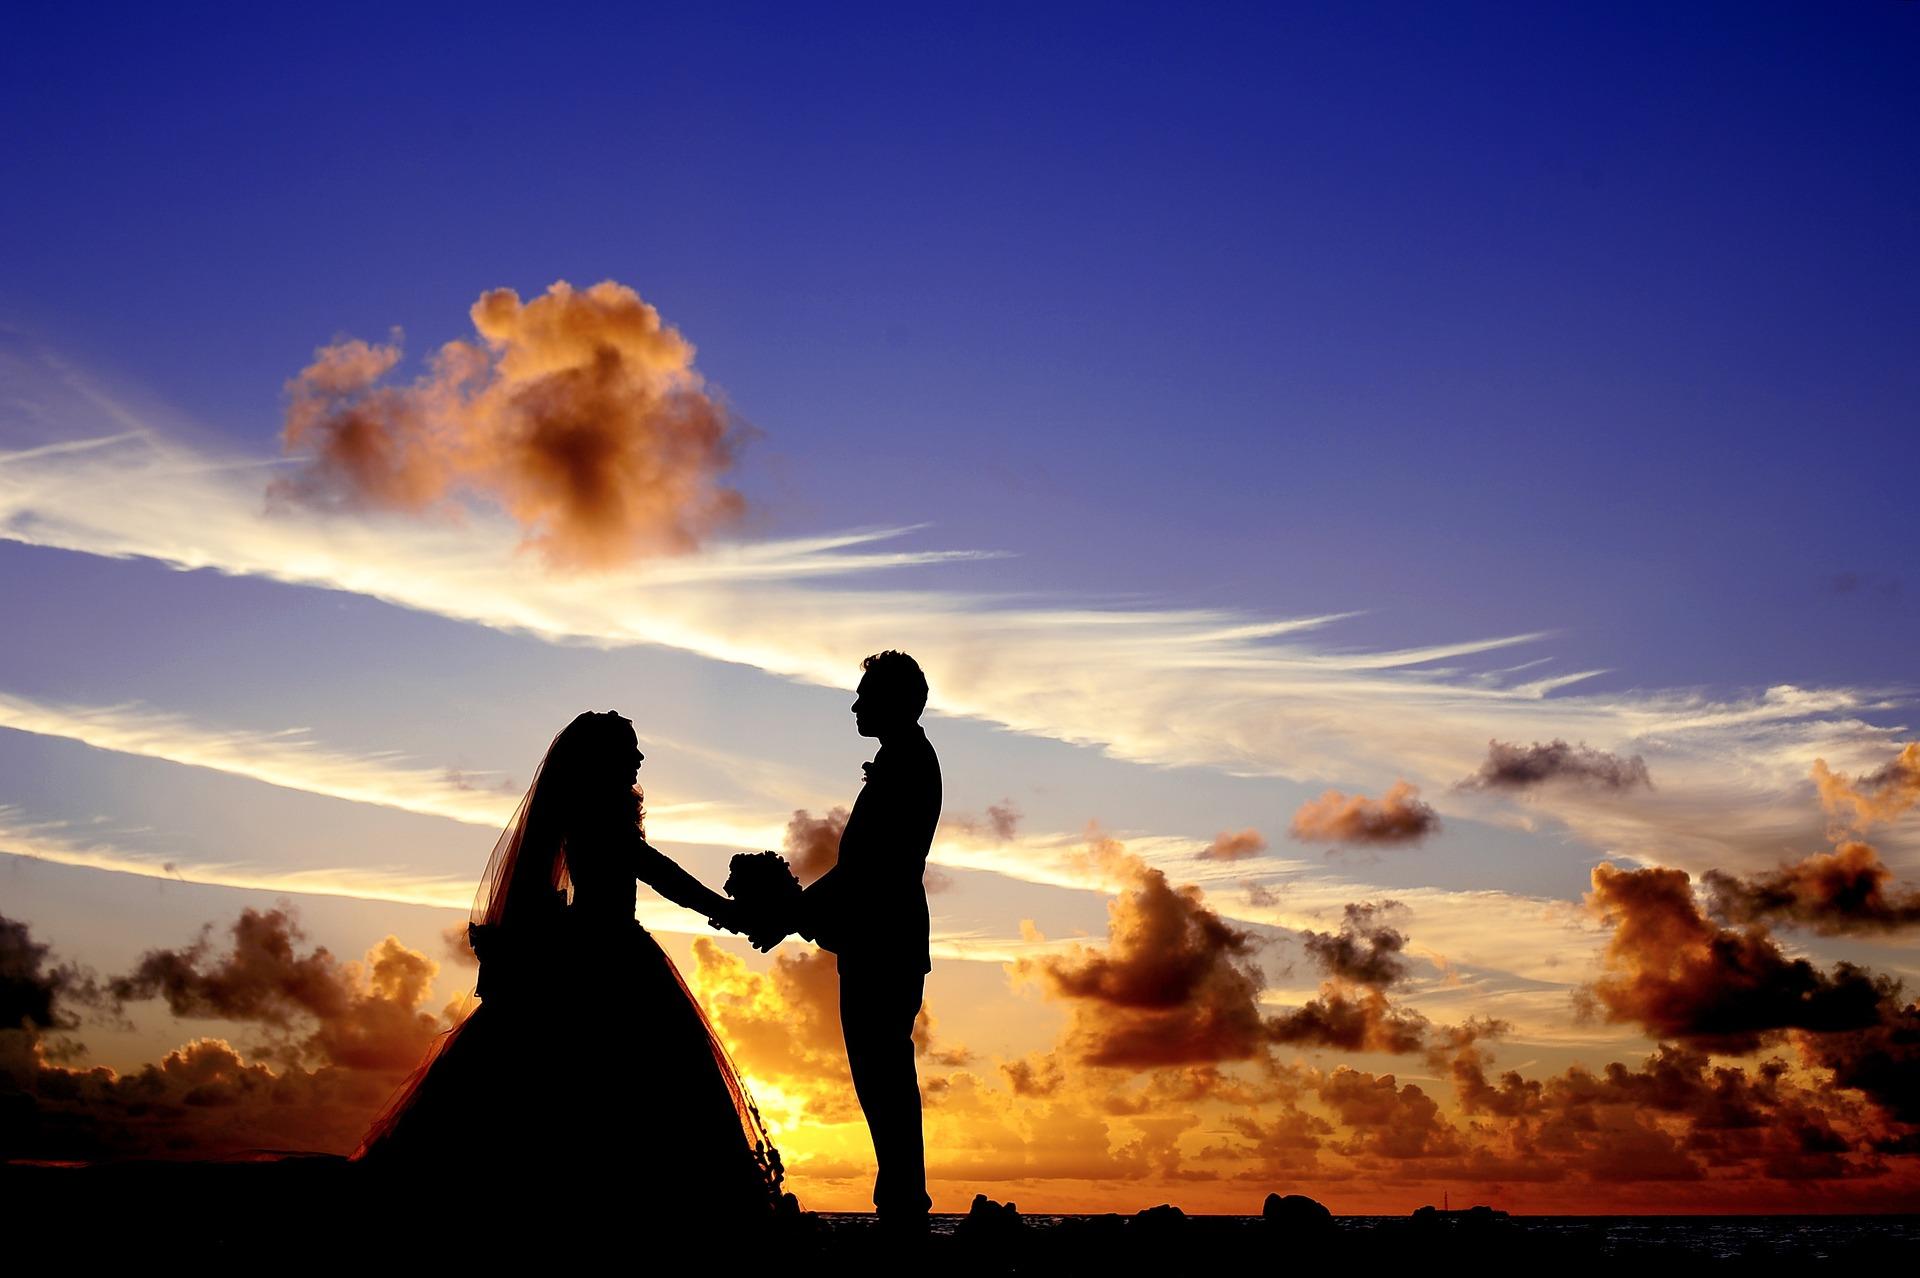 wedding-photography-tips-4